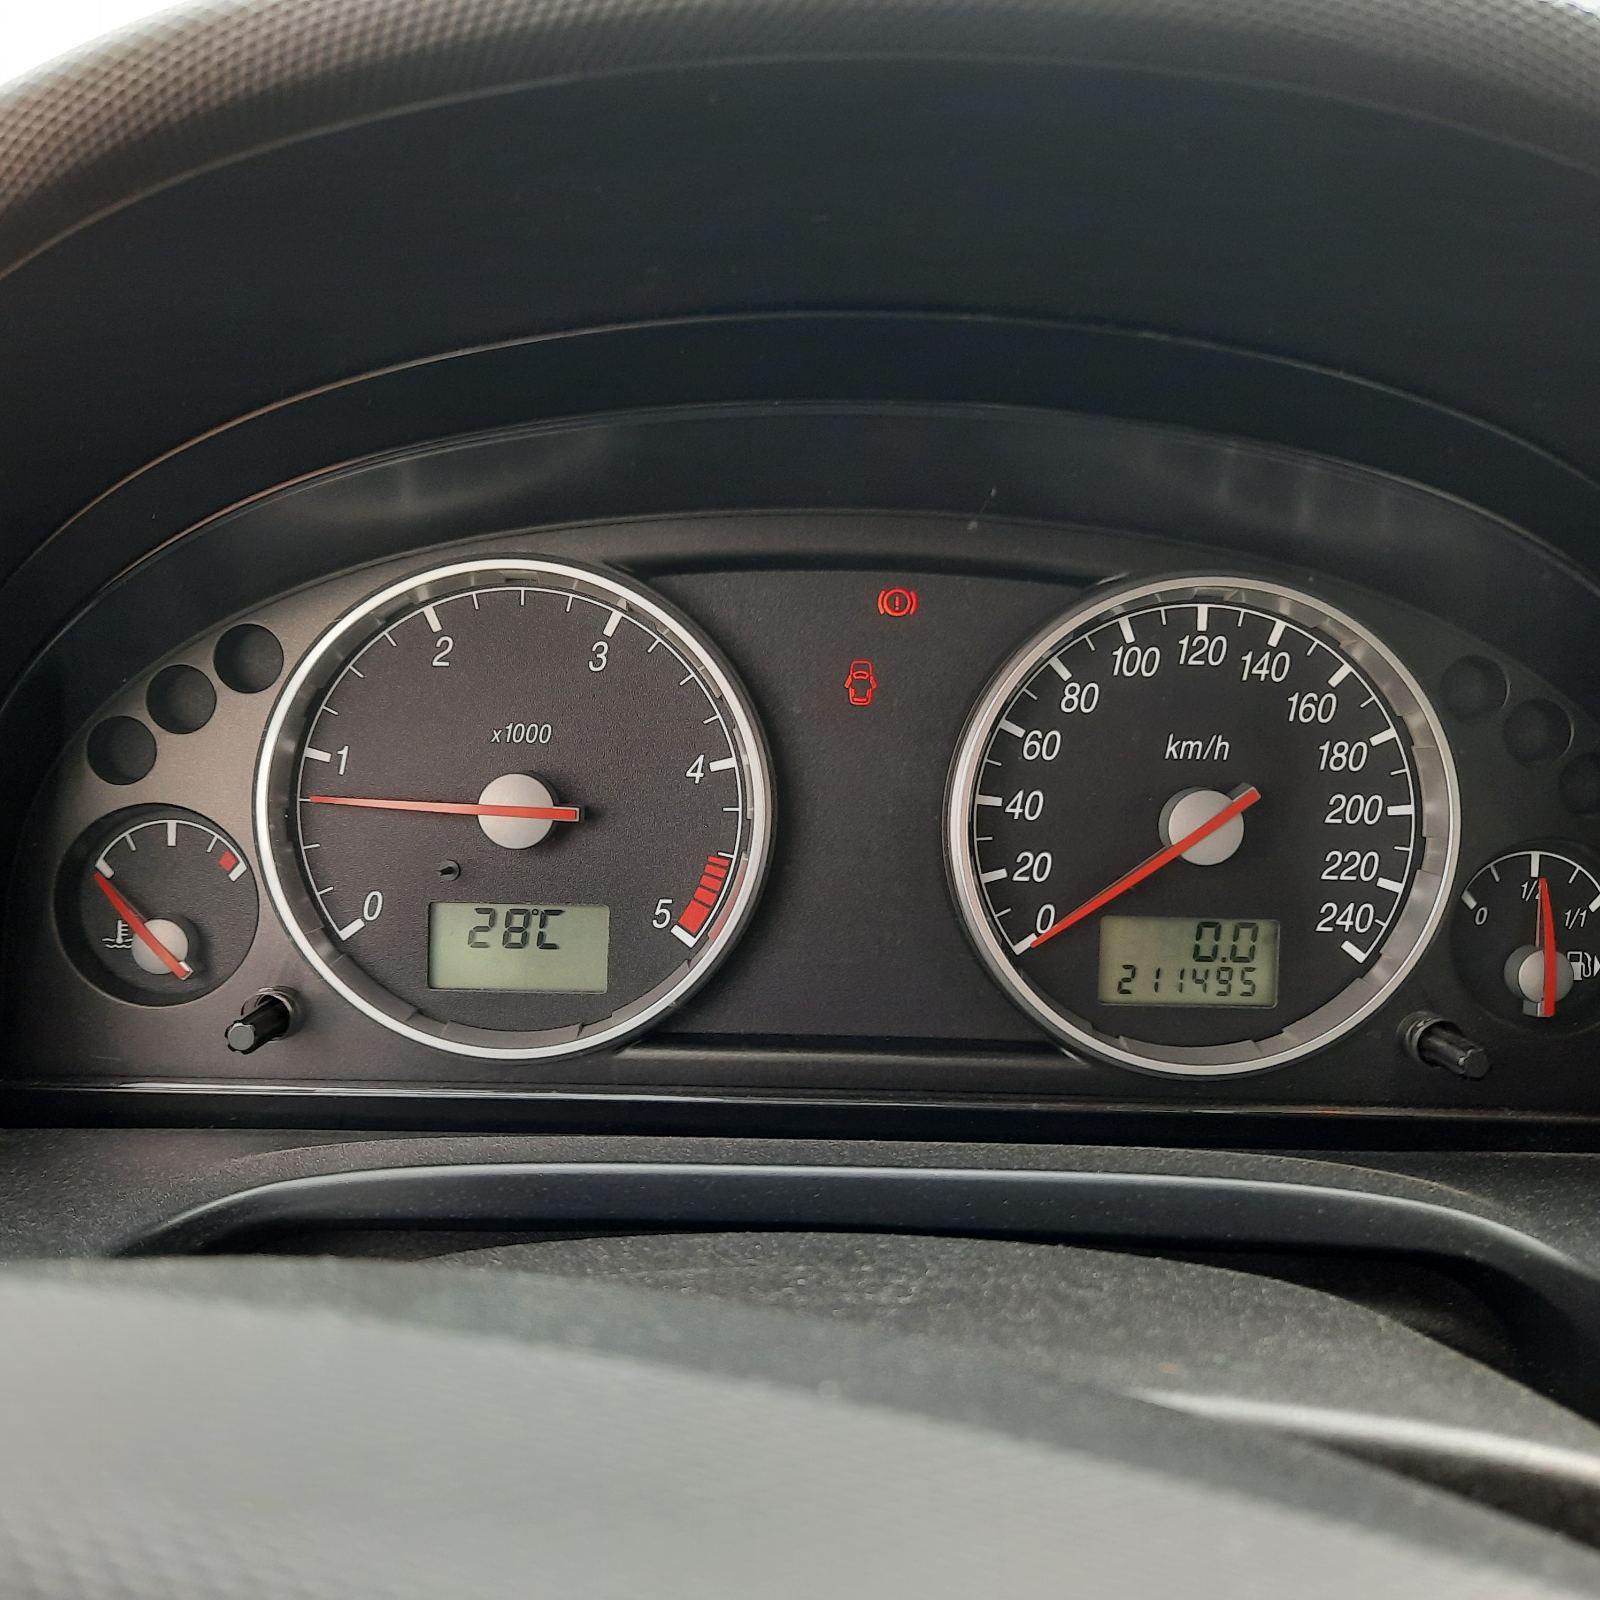 Подержанные Автозапчасти Ford MONDEO 2003 2.0 машиностроение хэтчбэк 4/5 d. белый 2021-7-23